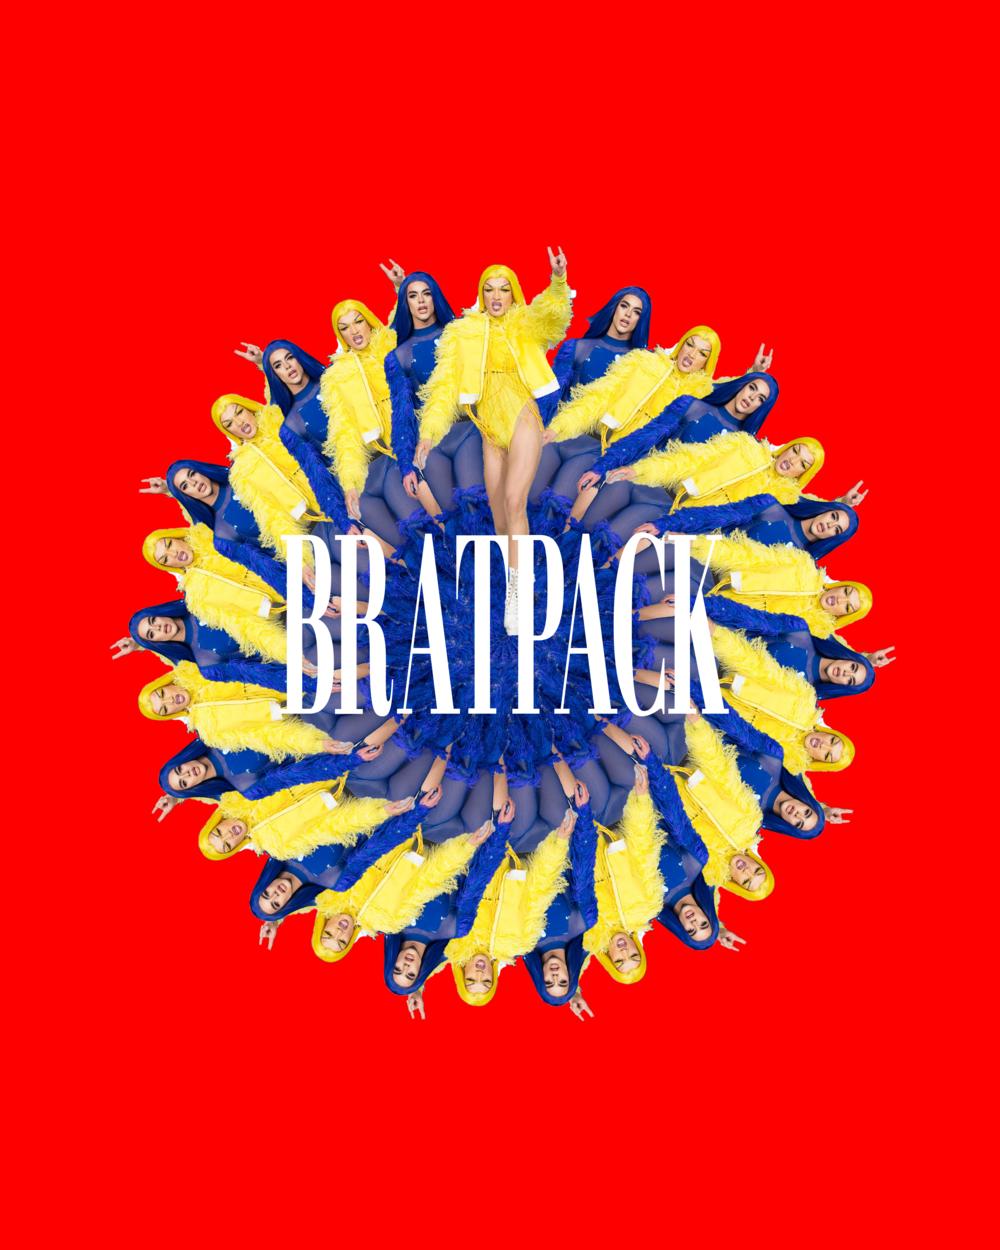 bratpack.png